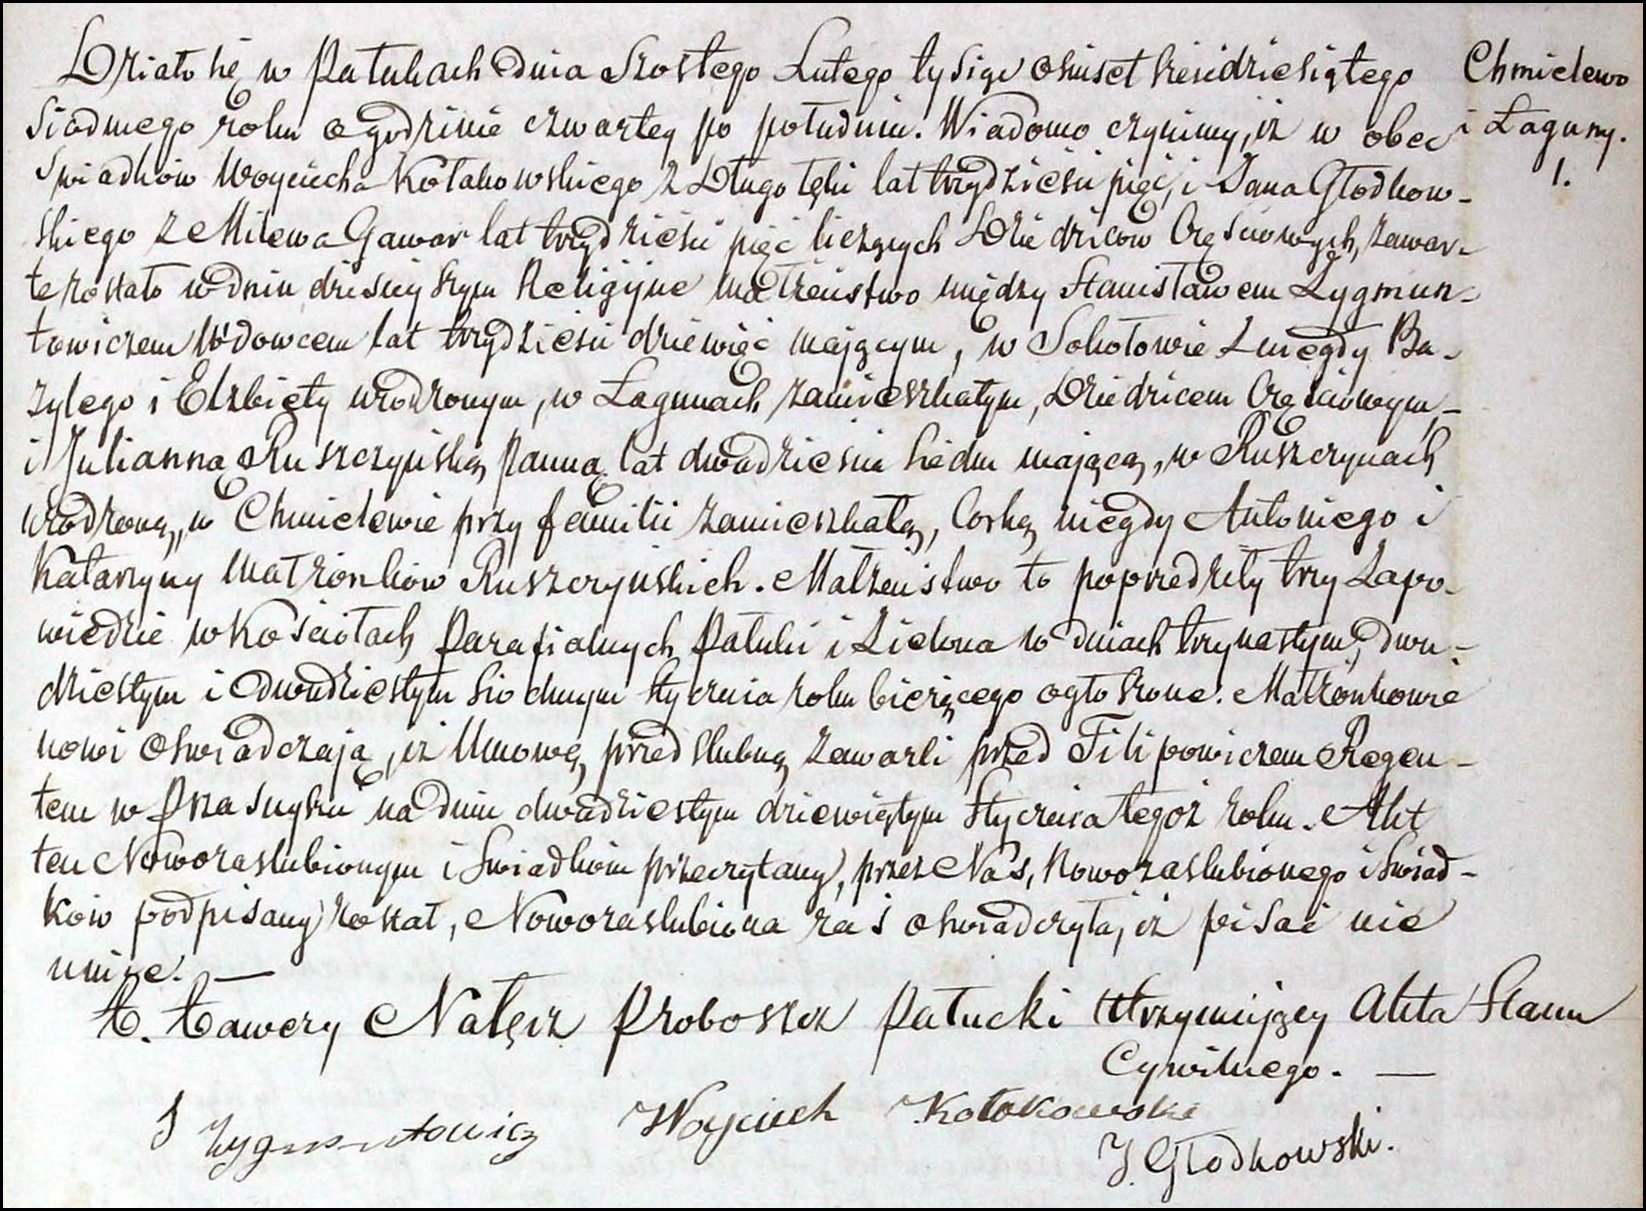 The Marriage Record of Stanisław Zygmuntowicz and Julianna Ruszczyńska - 1867